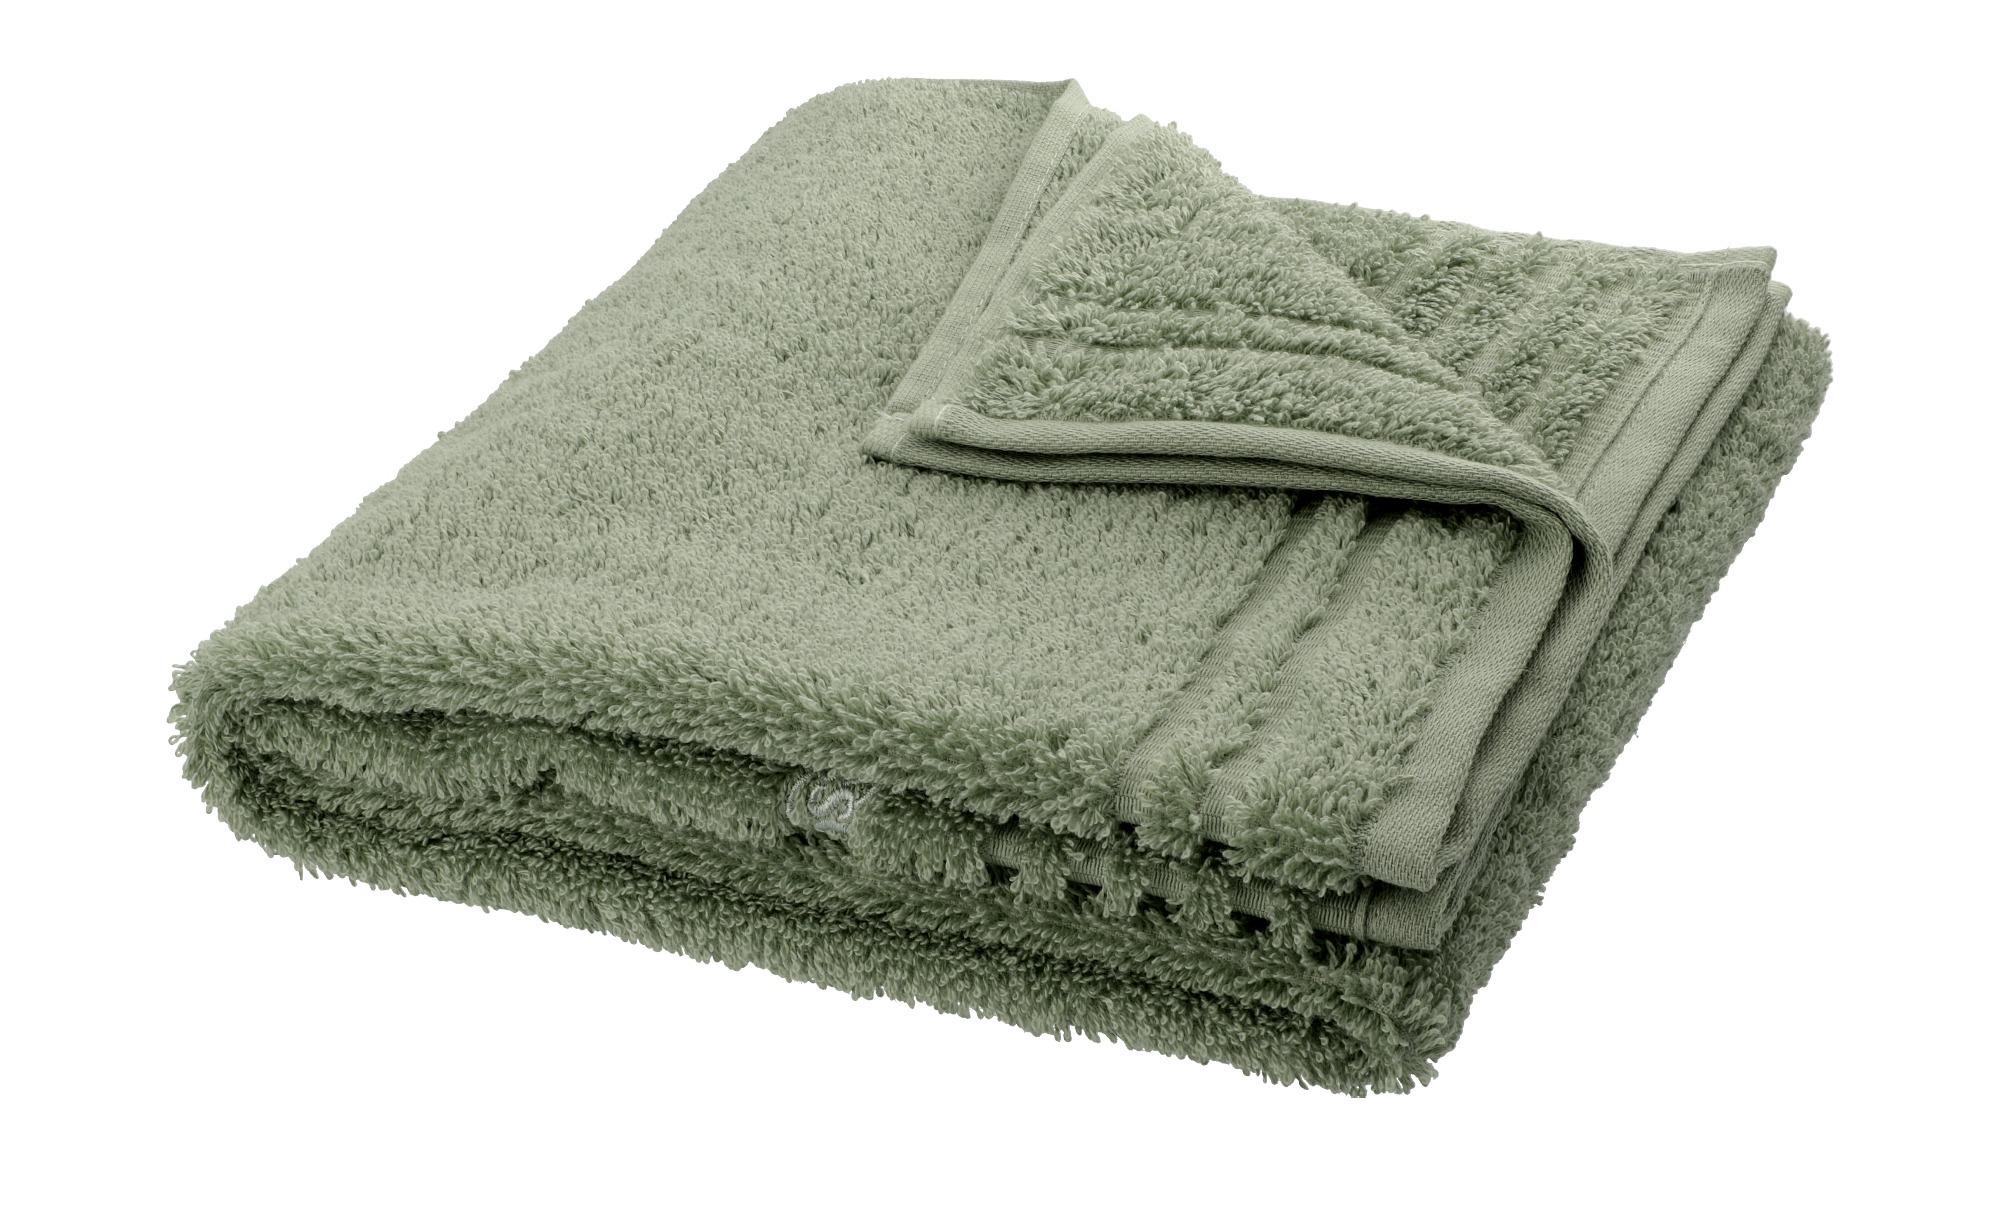 VOSSEN Handtuch  Vienna Supersoft ¦ grün ¦ 100% Baumwolle ¦ Maße (cm): B: 50 Badtextilien und Zubehör > Handtücher & Badetücher > Handtücher - Höffner